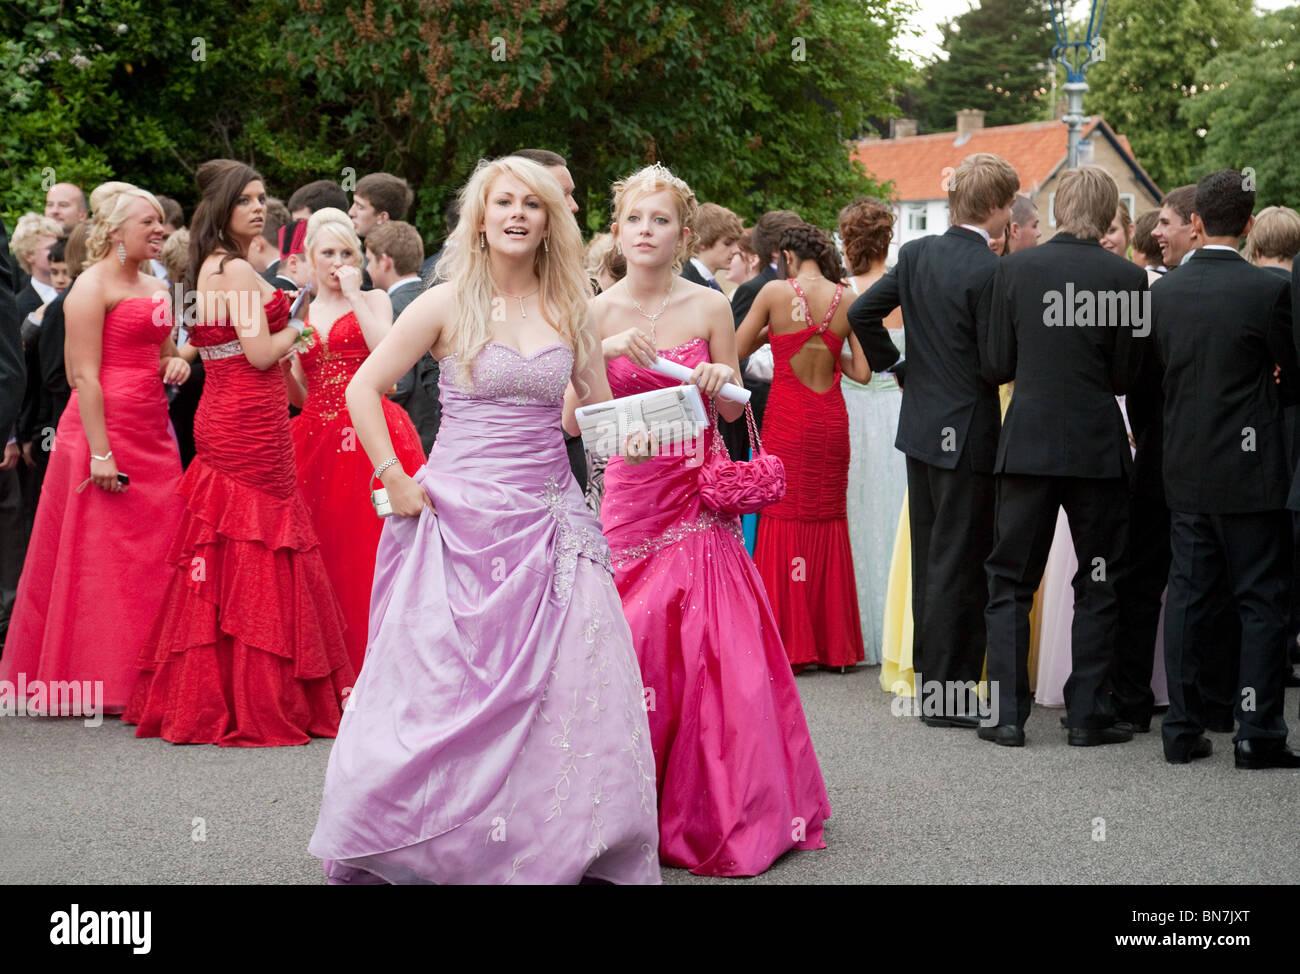 Nett Junge Mädchen Prom Kleider Zeitgenössisch - Hochzeit Kleid ...